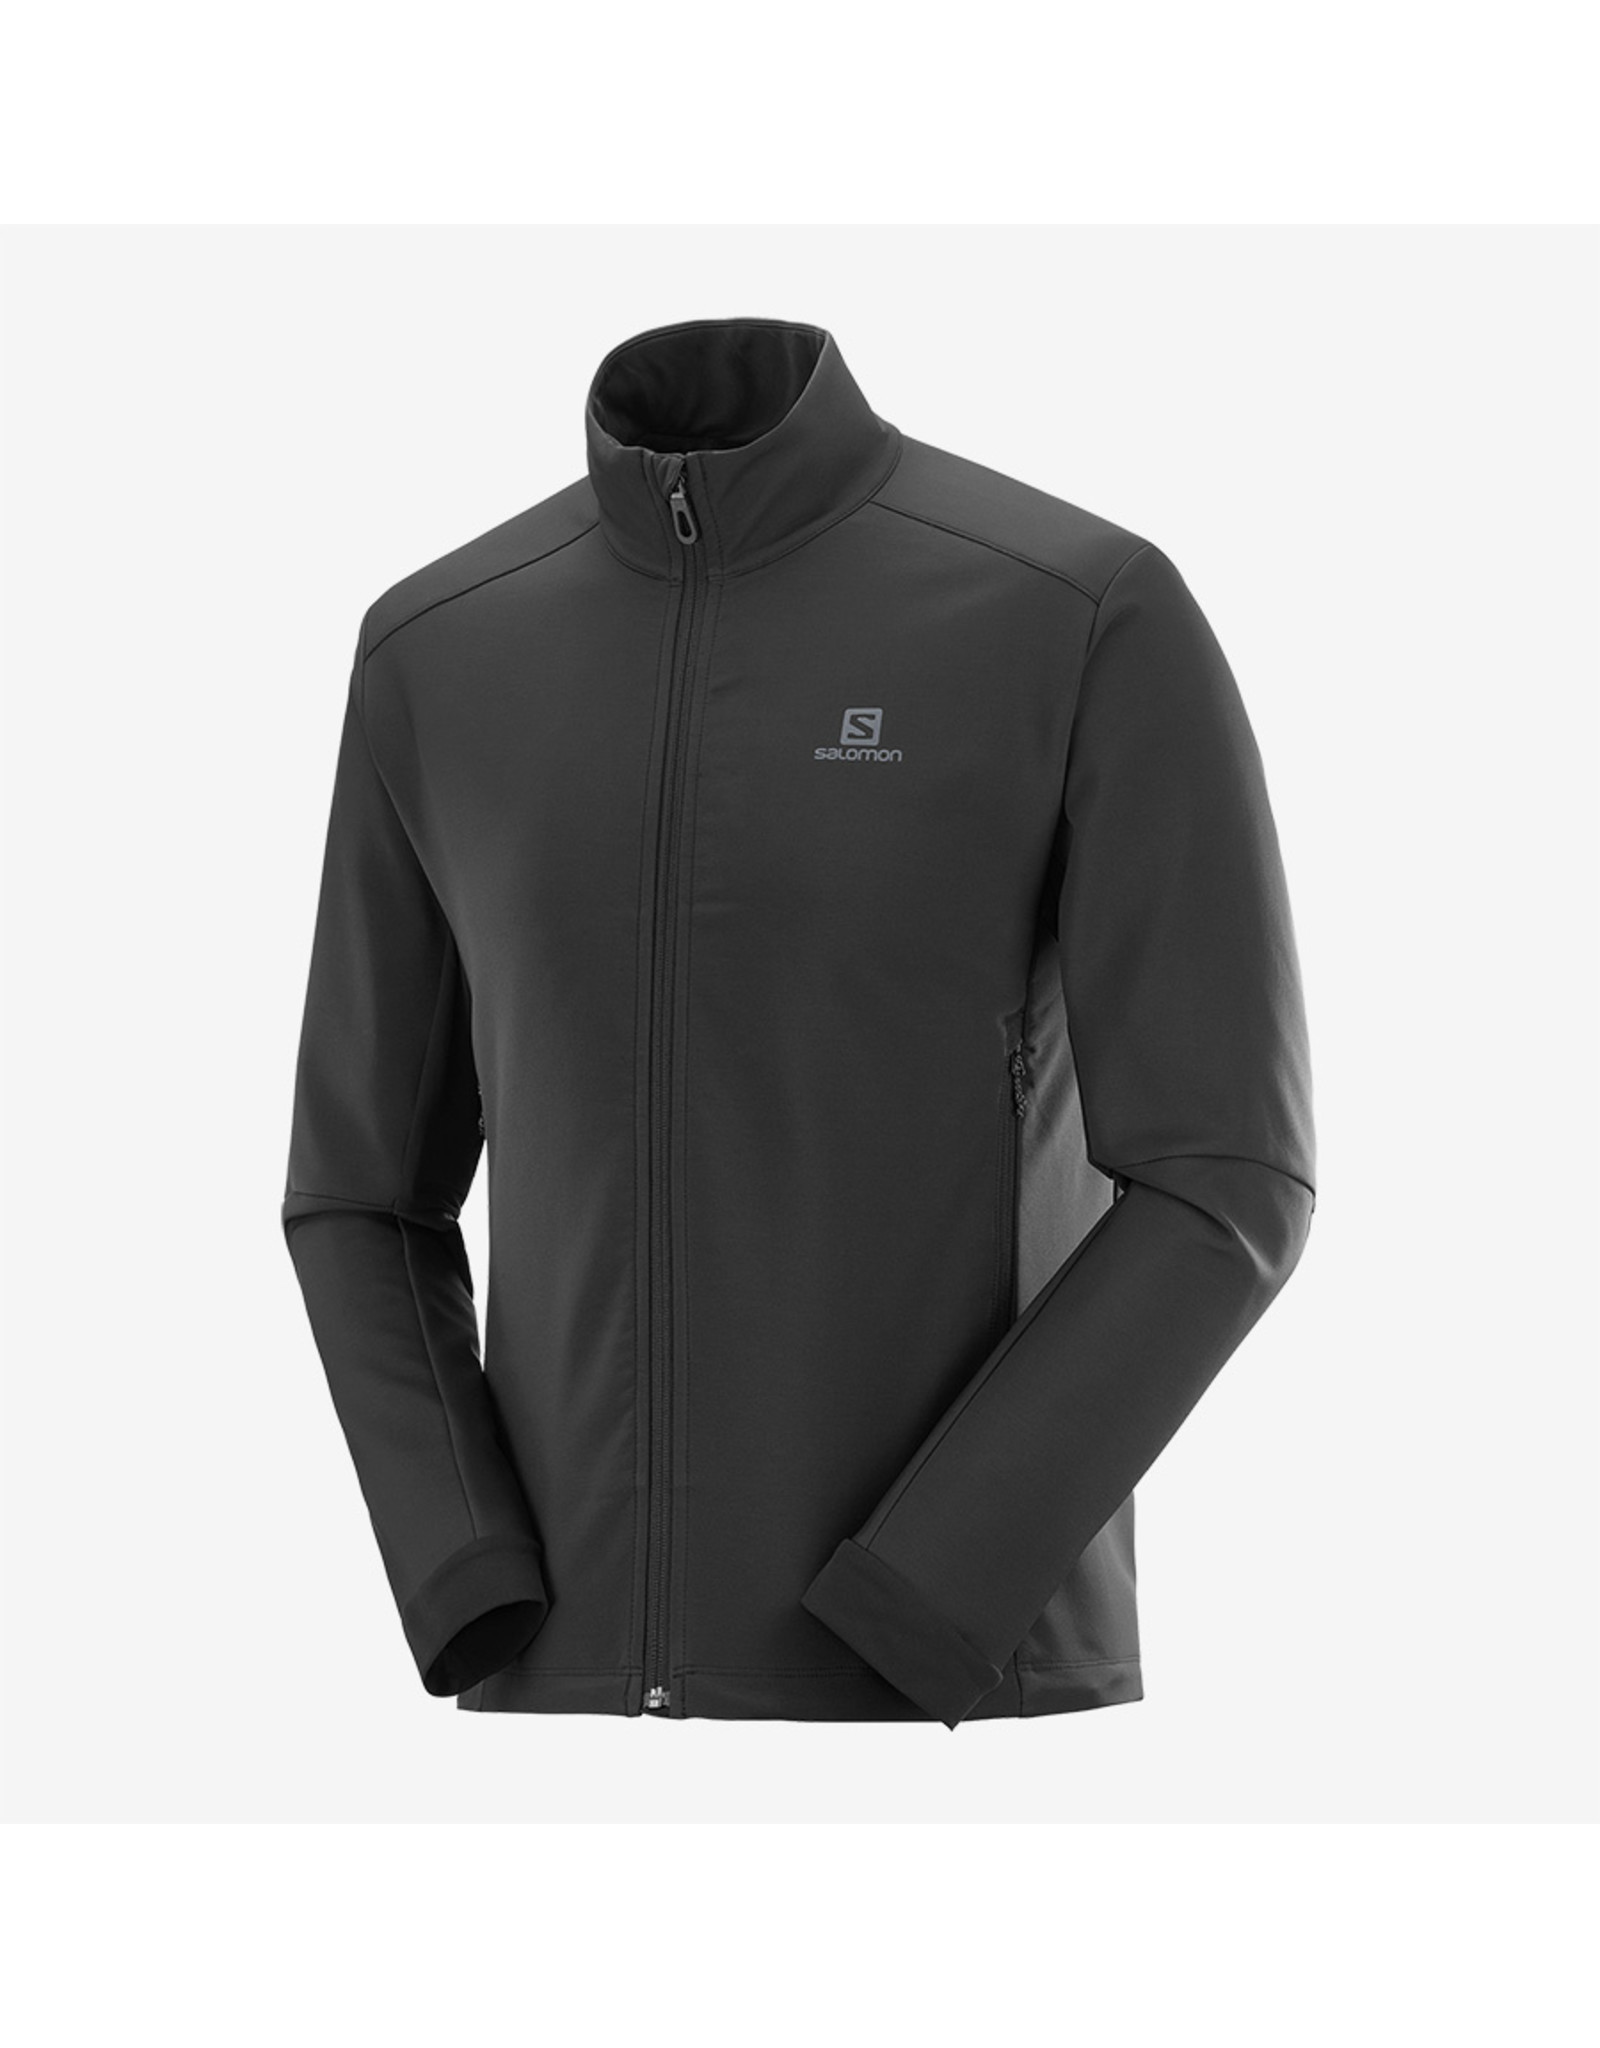 SALOMON Salomon Agile Softshell Jacket Men's